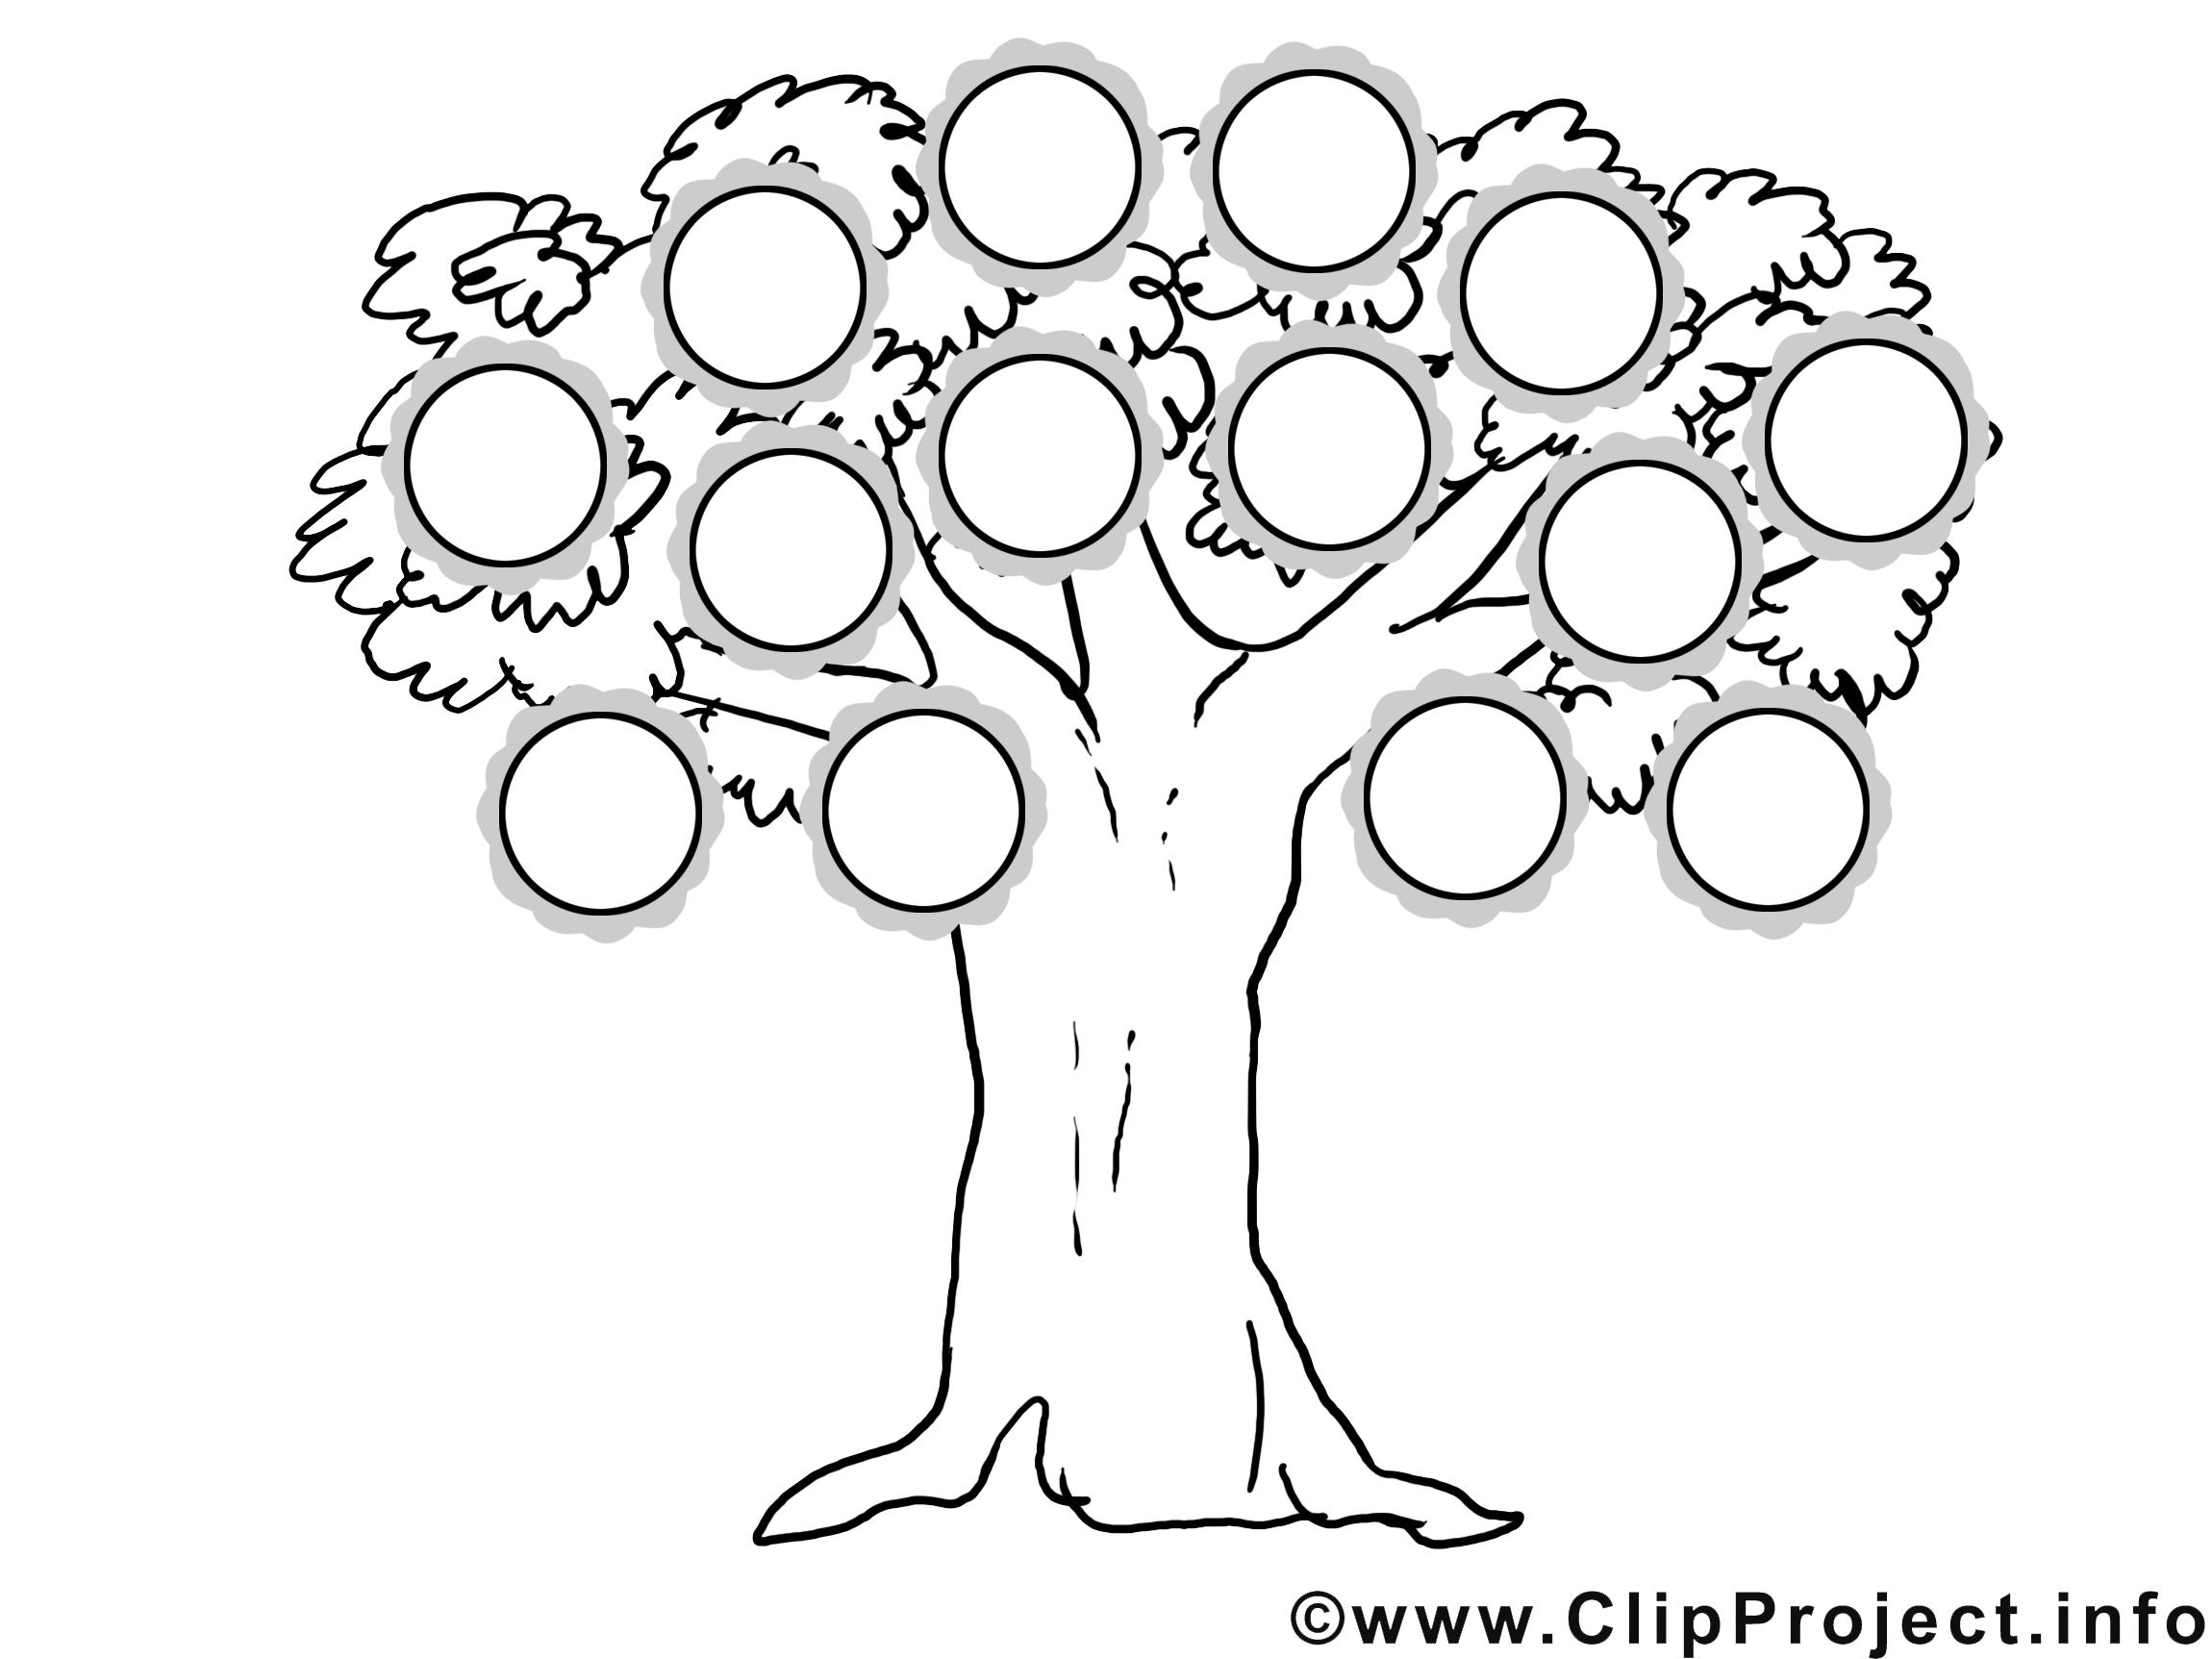 Familien stammbaum for Stammbaum zum ausdrucken